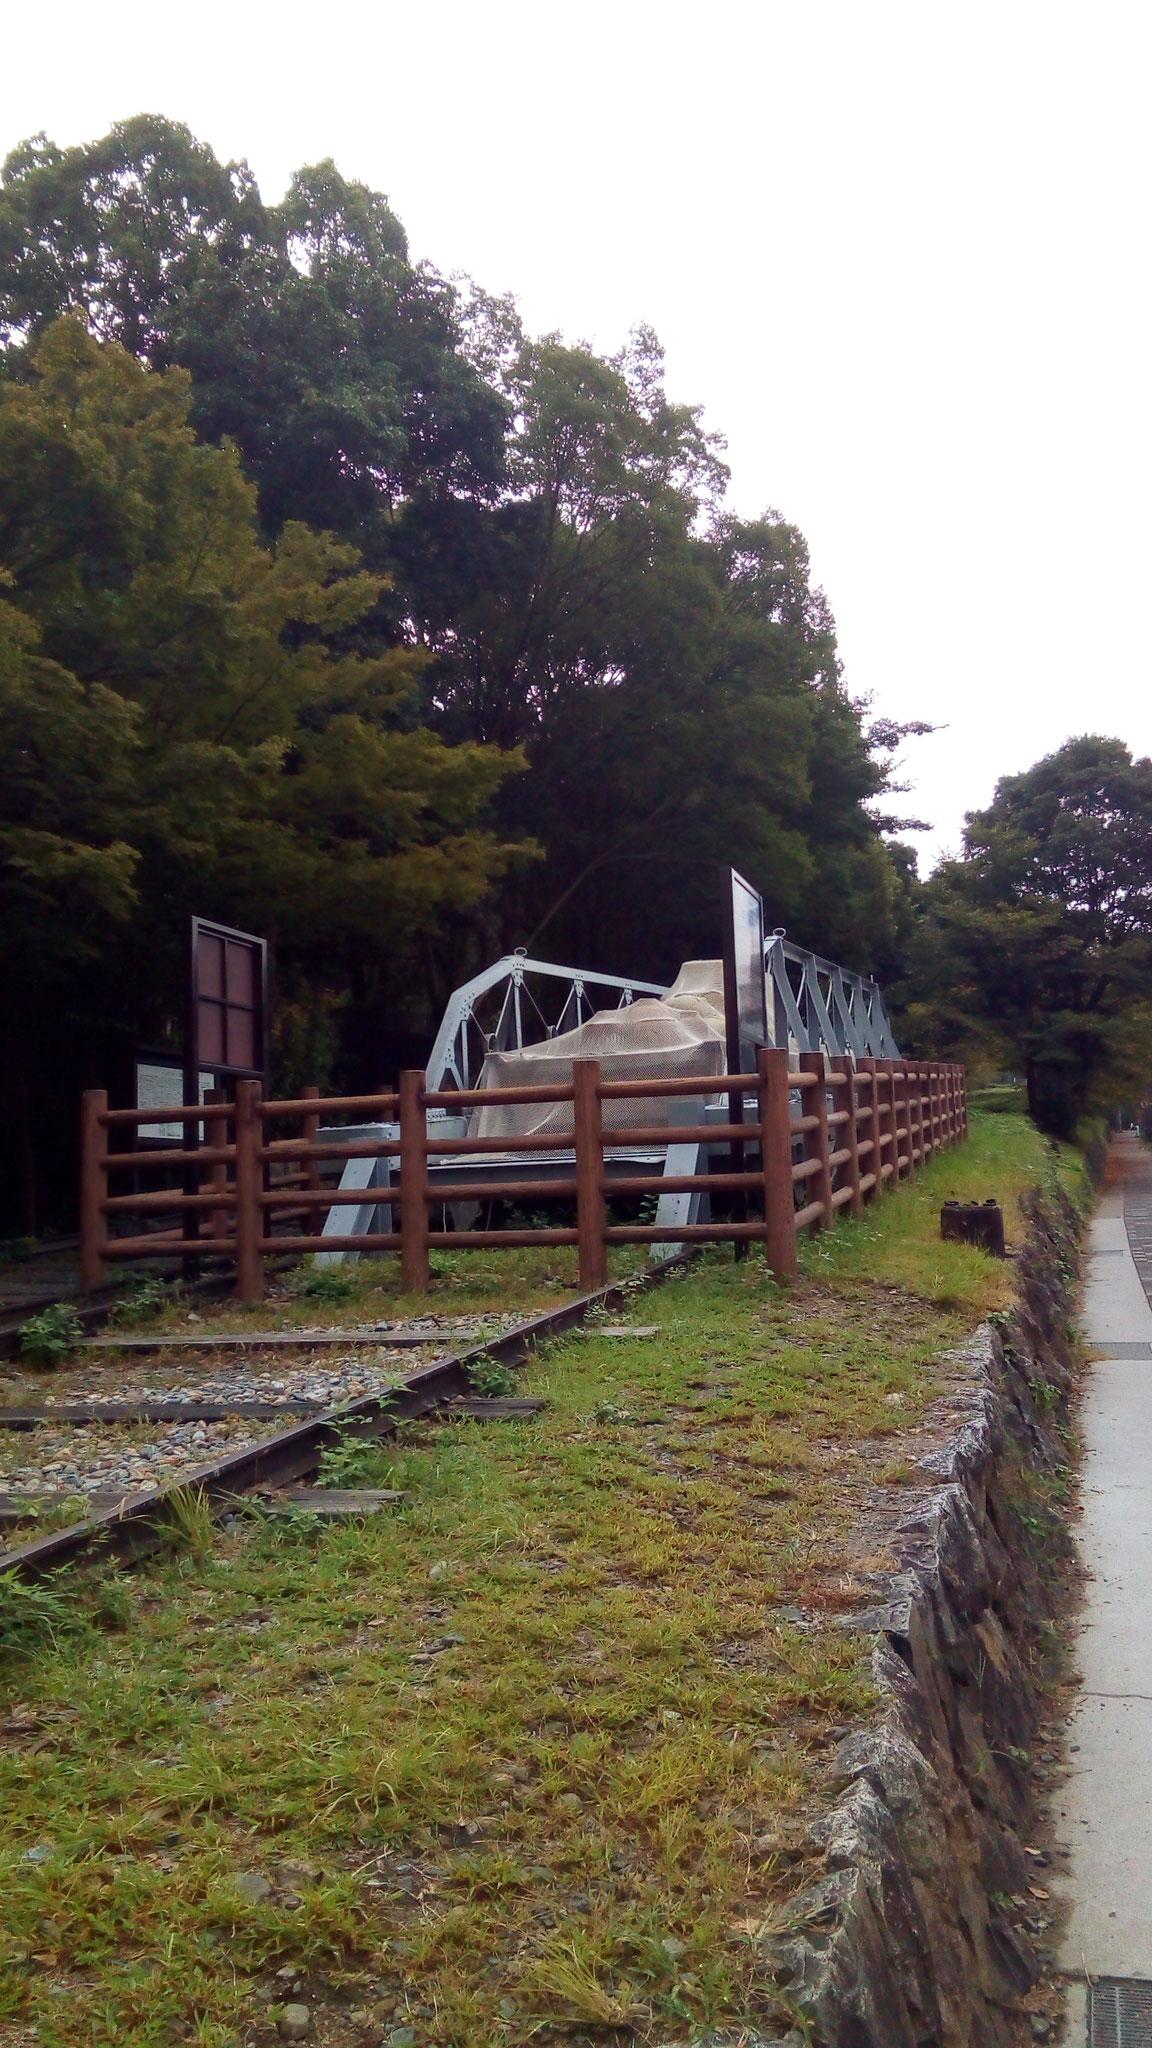 蹴上インクライン(傾斜鉄道)